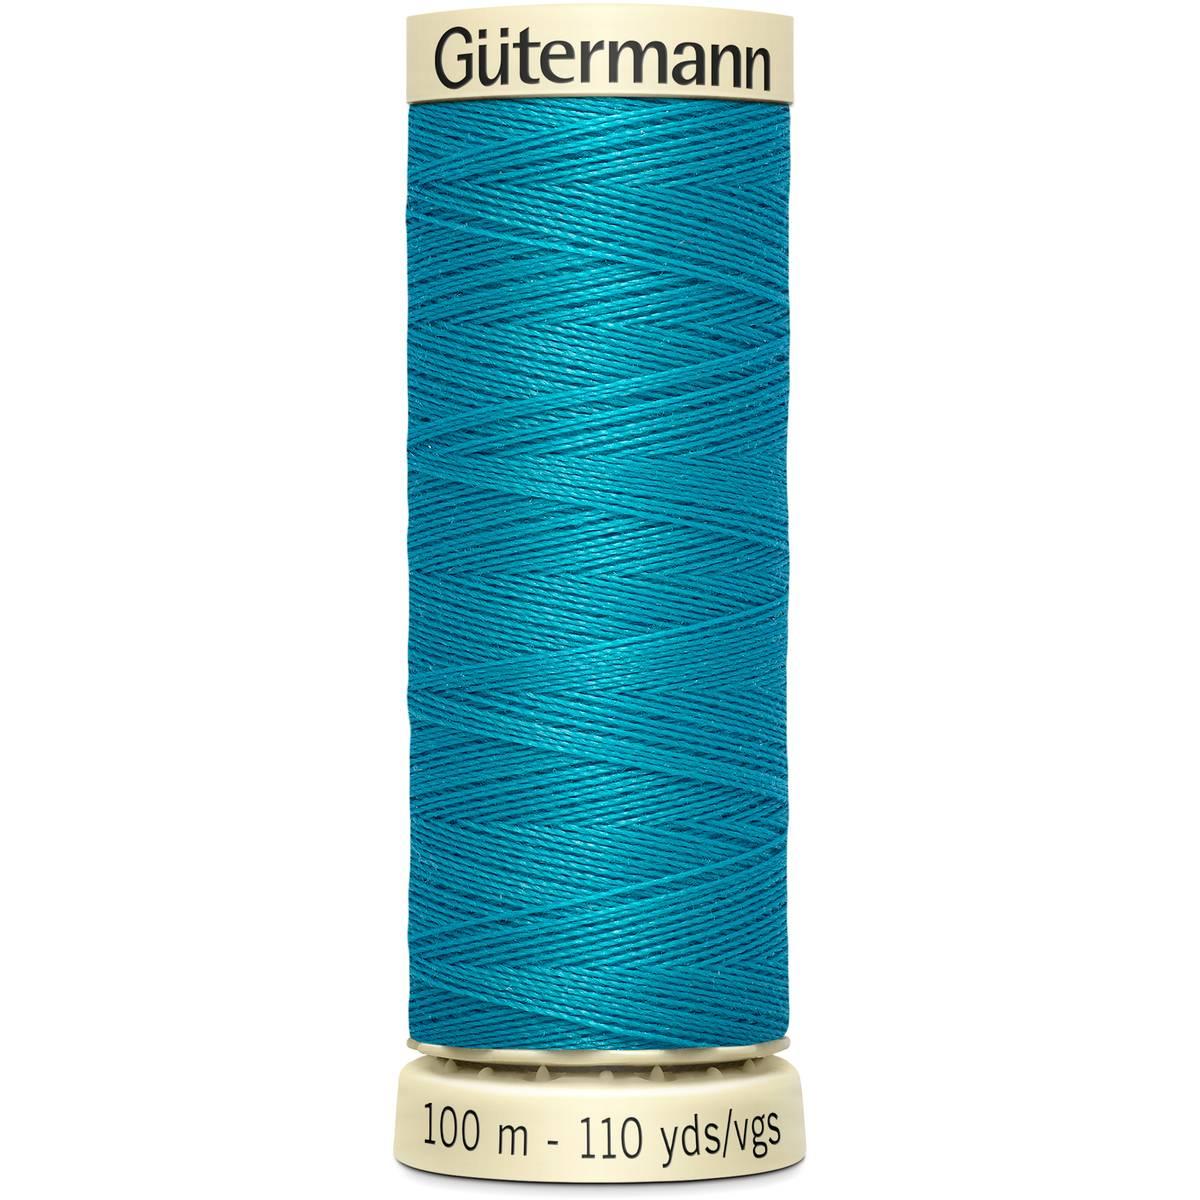 חוט תפירה גוטרמן - Blue 946